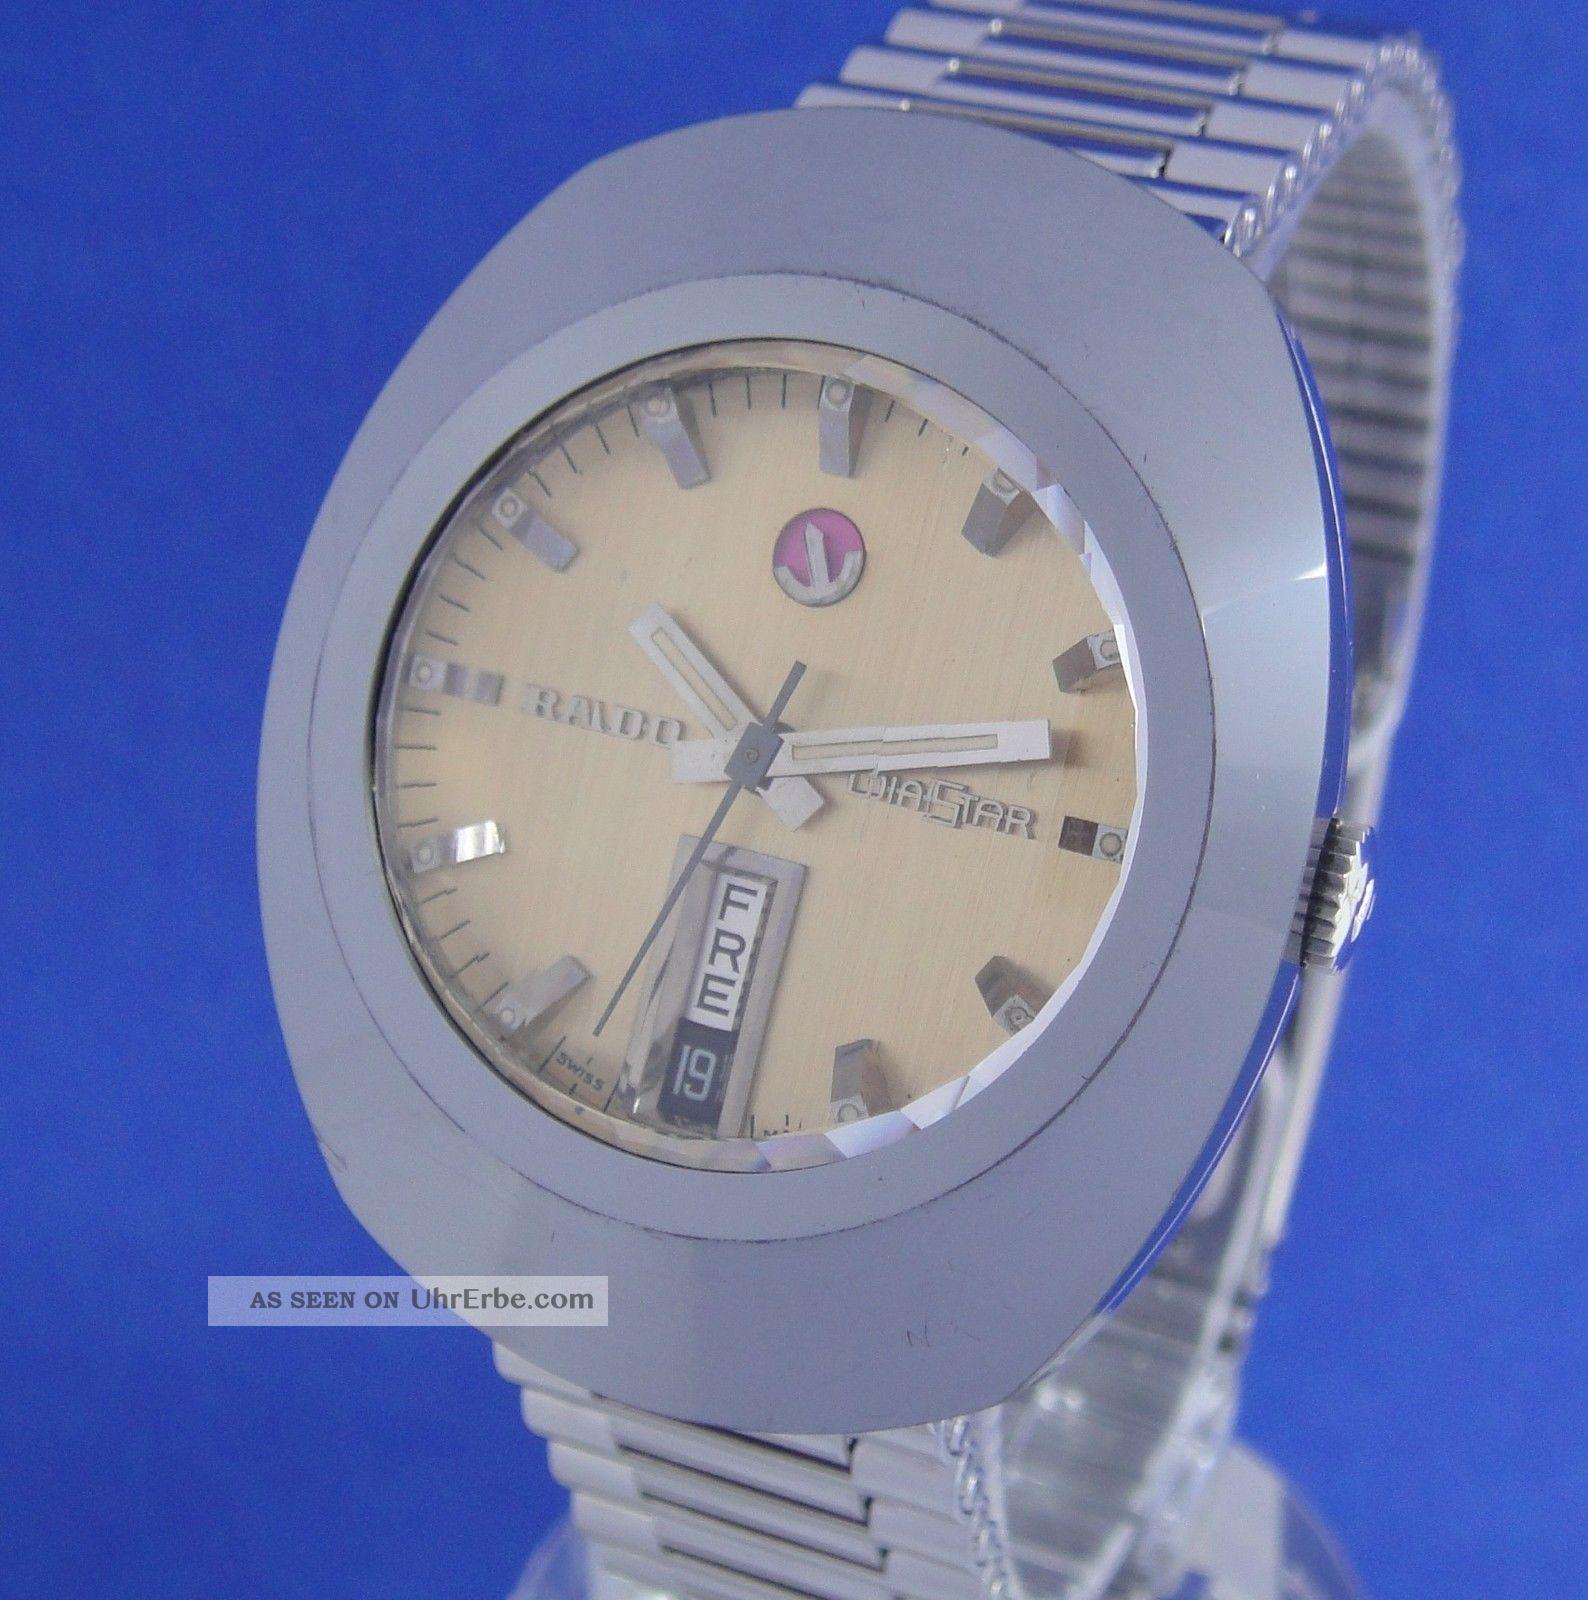 Tolle Rado Diastar Automatik Herren Au Stahl/hartmetall 70er Jahre Top Armbanduhren Bild